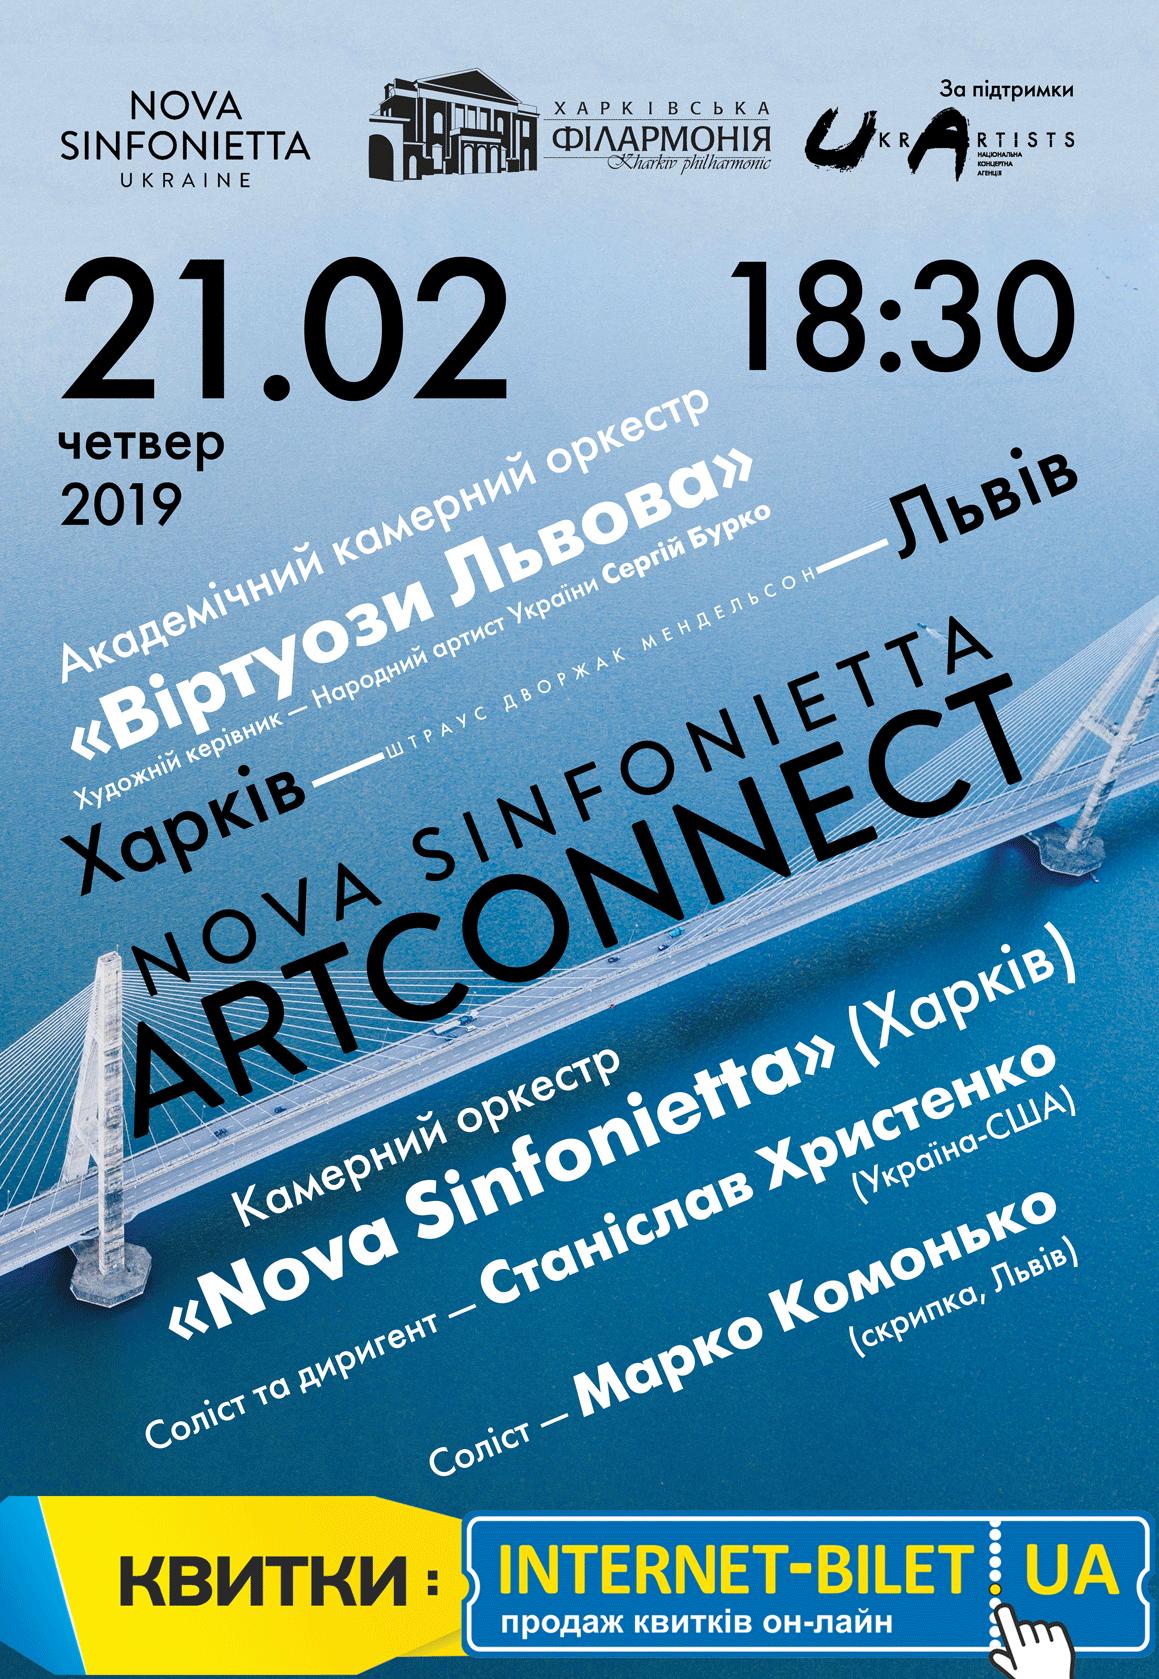 Украина купить билеты на концерт театральная афиша московские театры